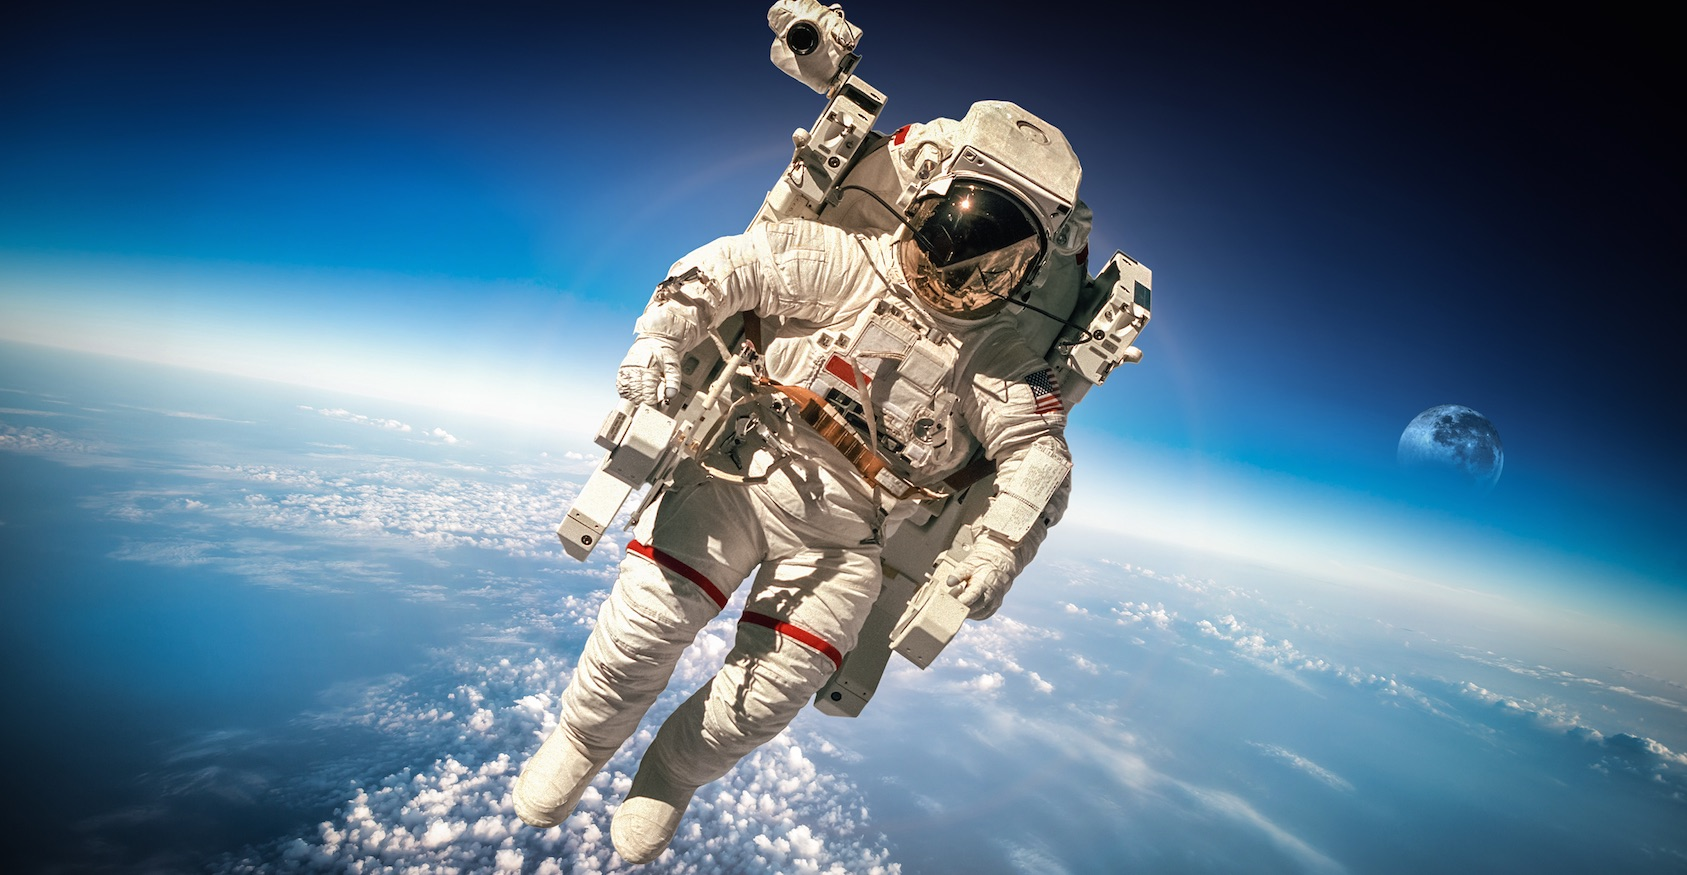 El hackeo espacial preocupa a la jefa de ciberseguridad de la NASA